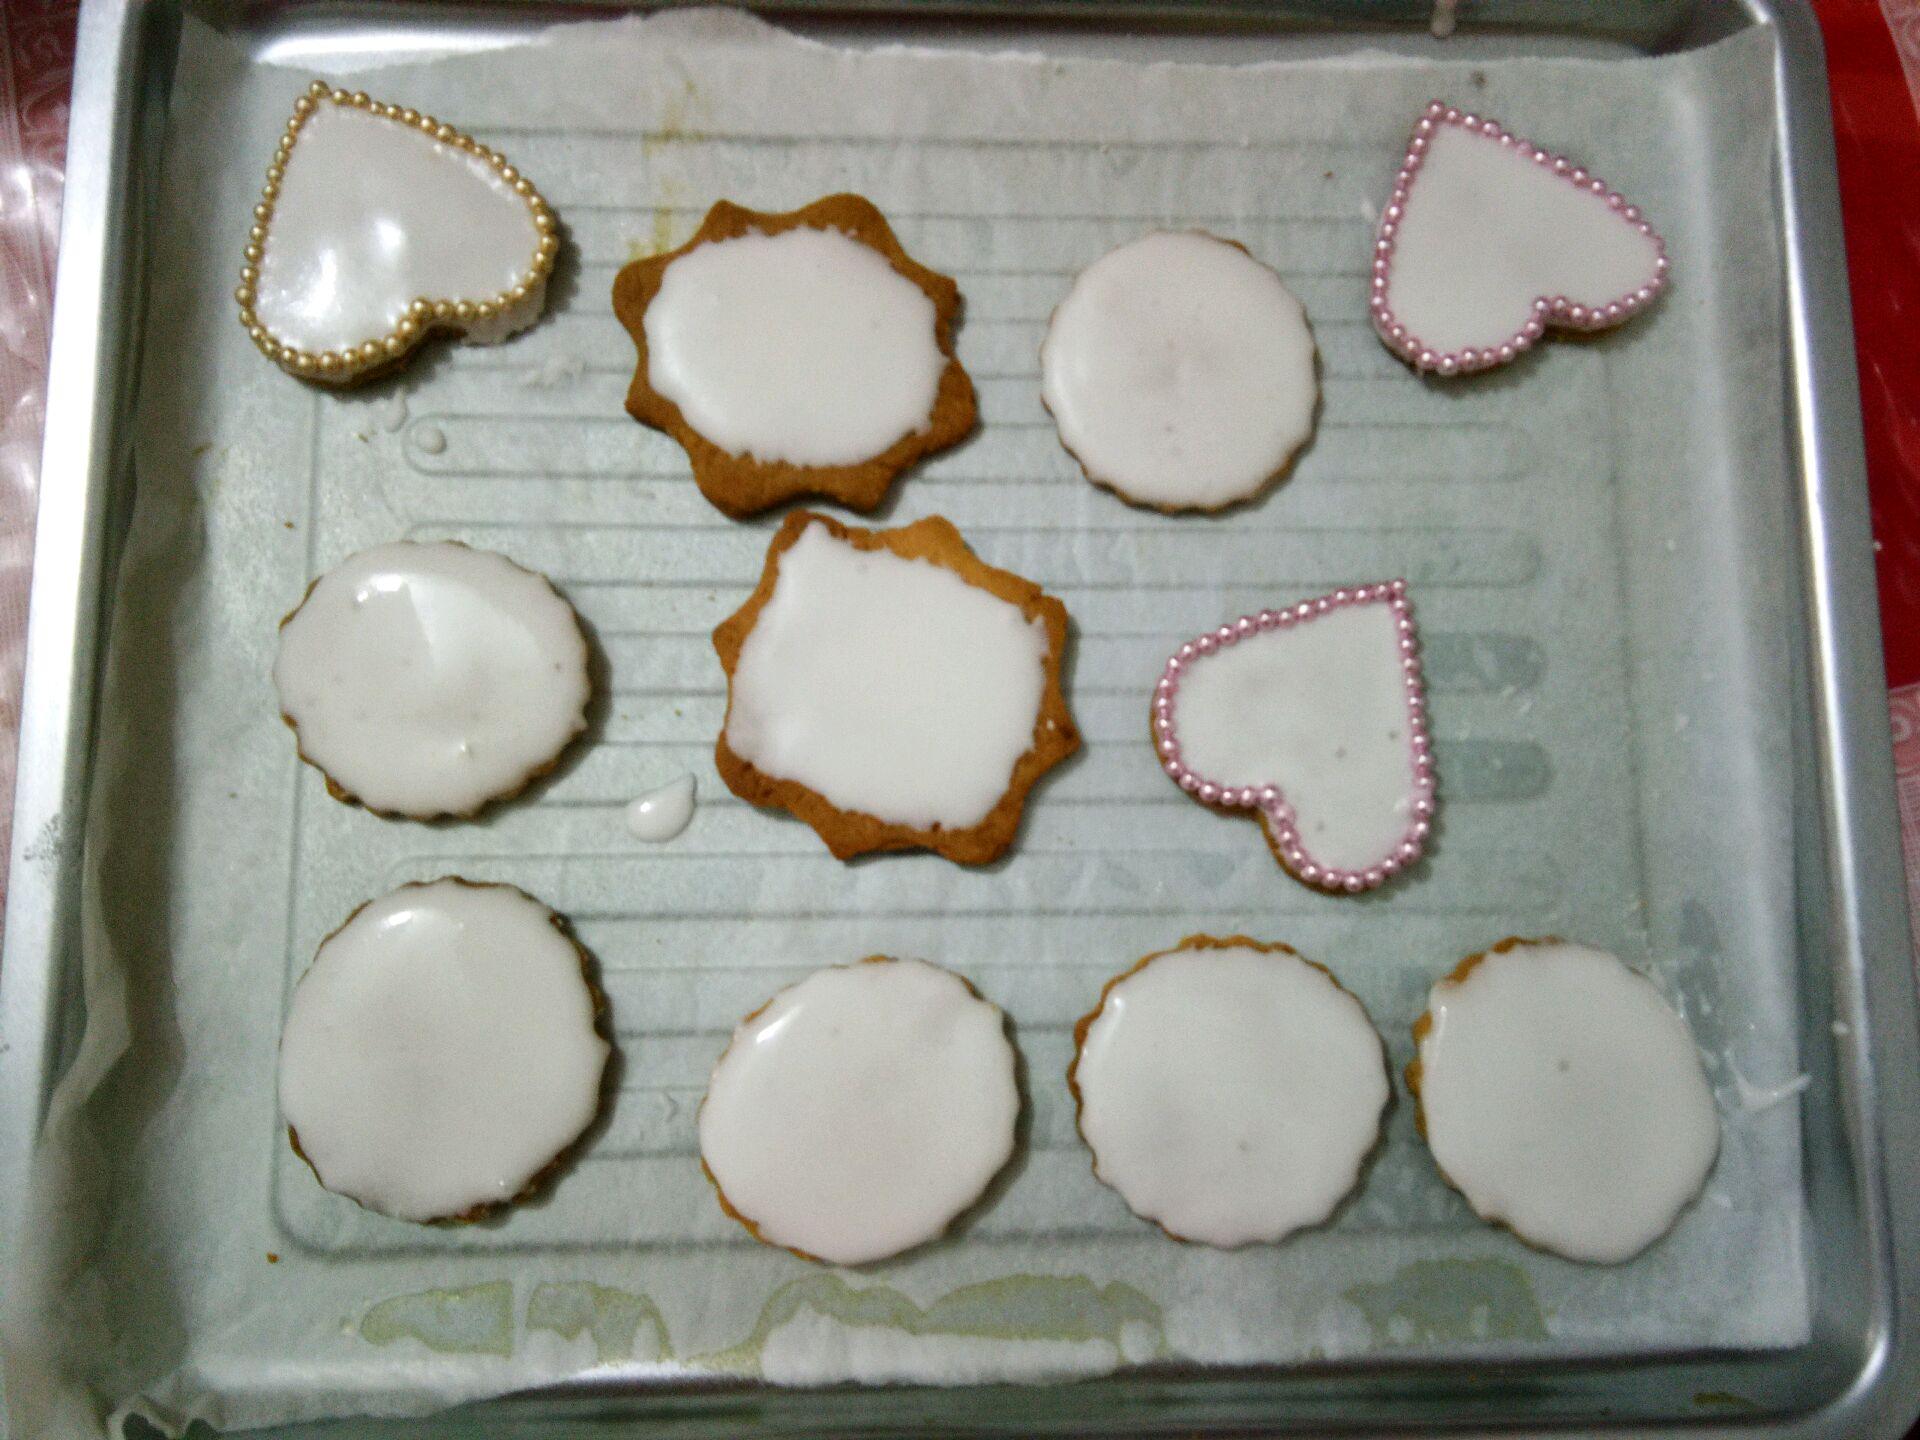 手绘青花瓷饼干#美的fun烤箱·焙有fun儿#的做法_菜谱